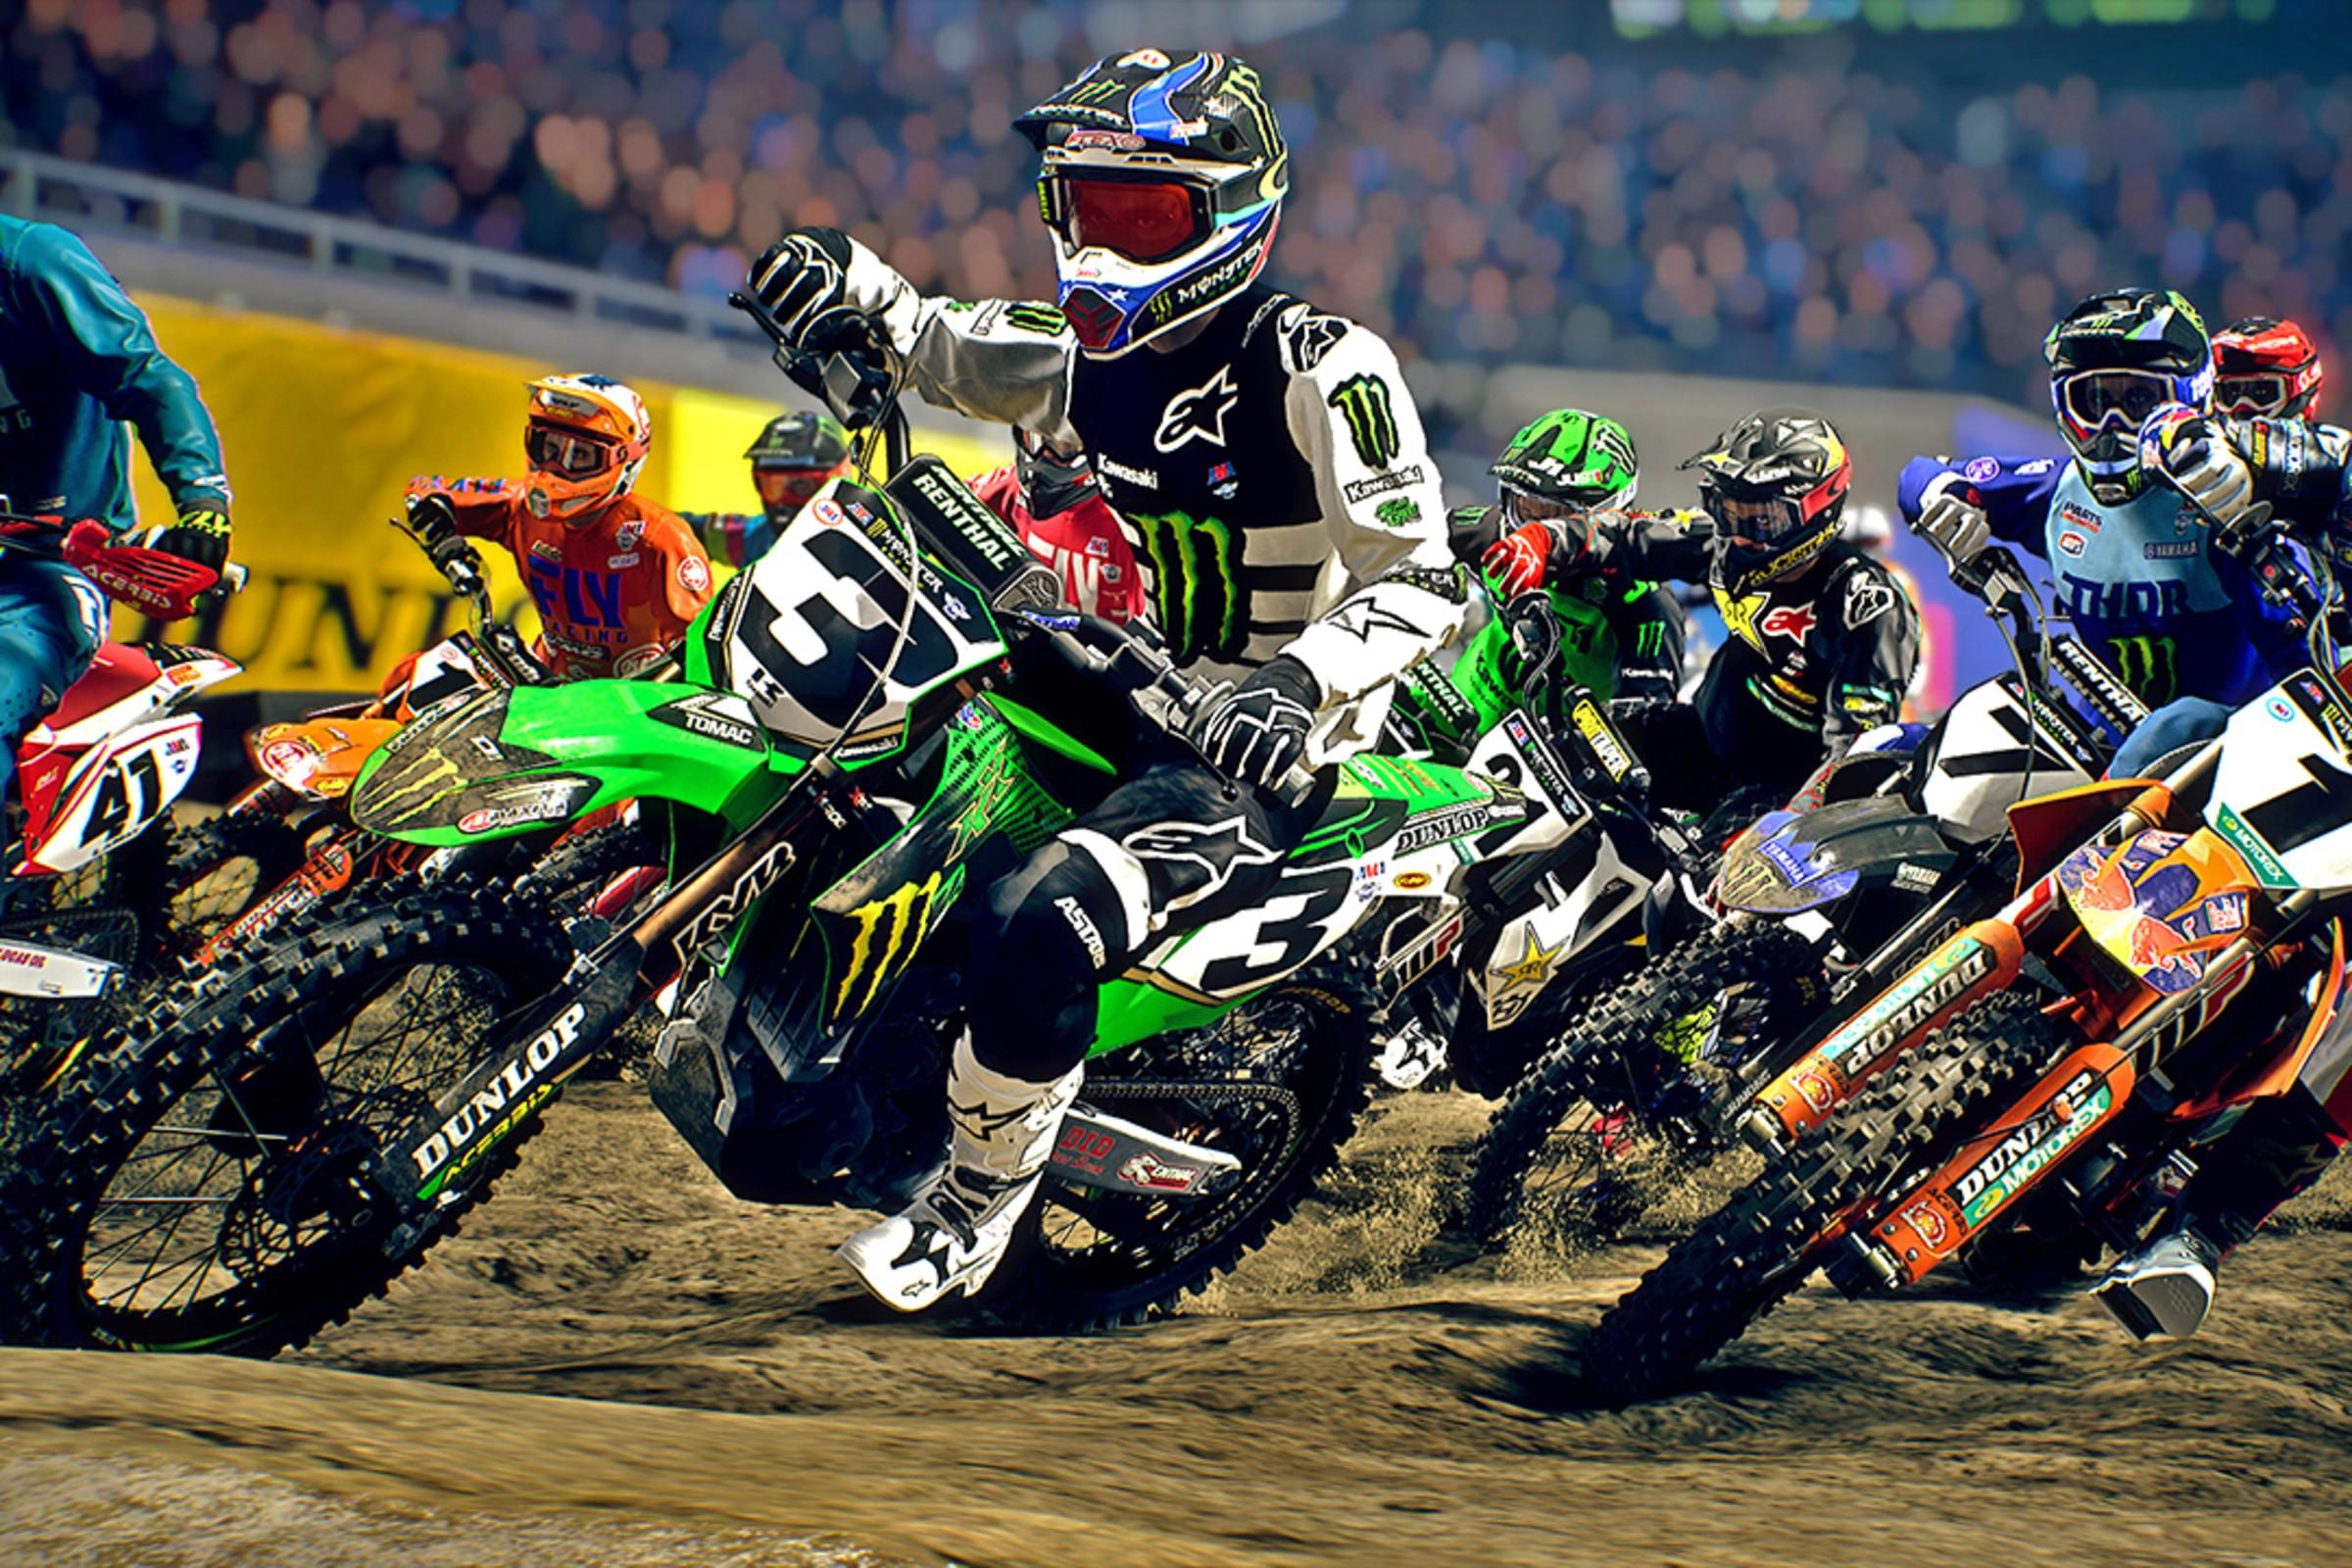 Racerhead 13 Racer X Online